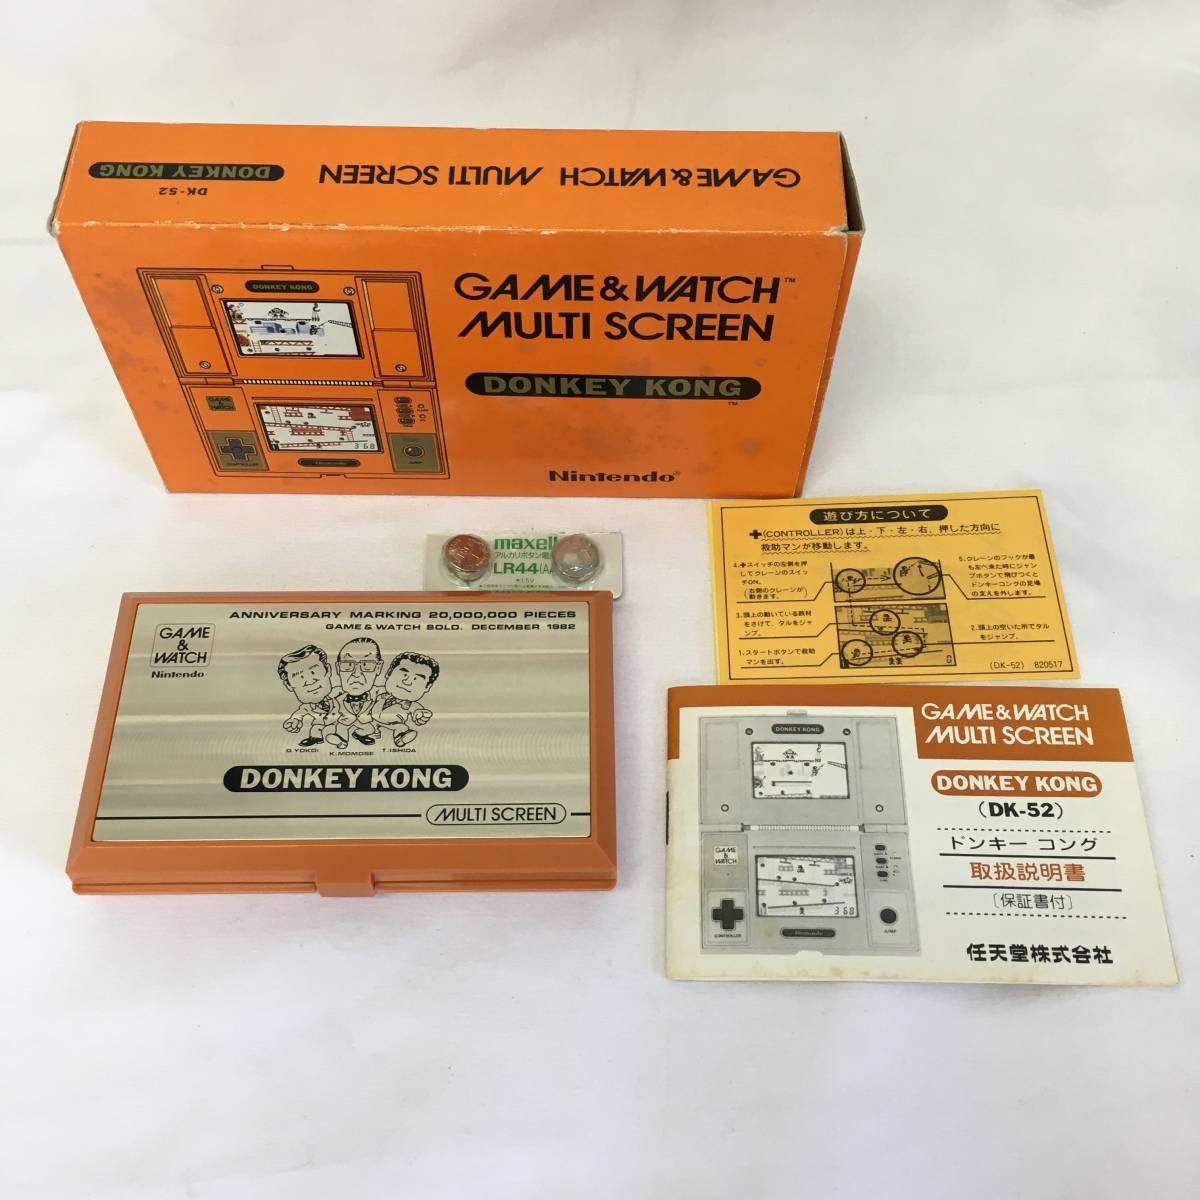 纪念版Game & Watch掌机在雅虎拍出9000美元高价  第2张